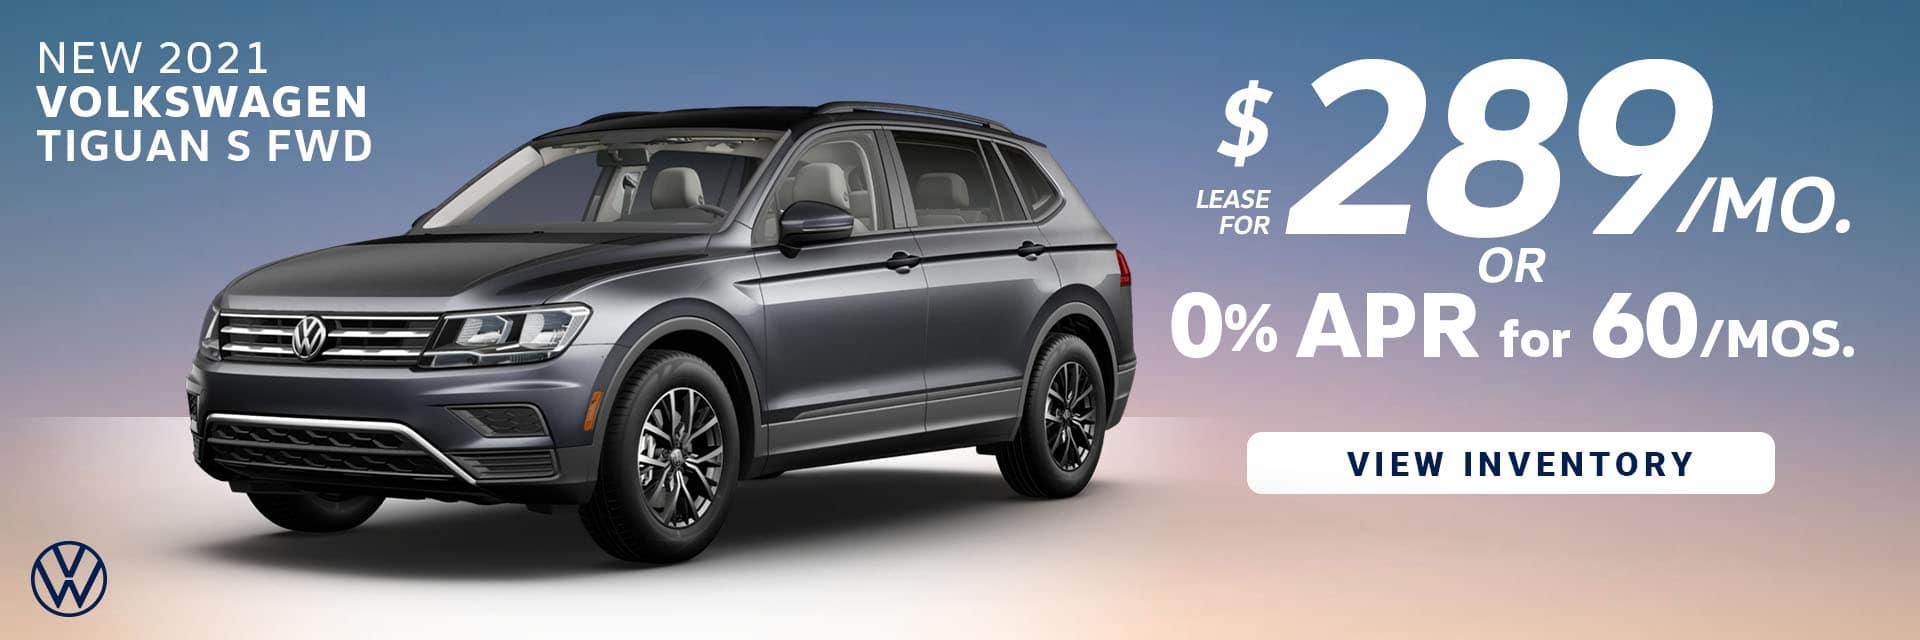 CVWG-June 20212020 Volkswagen Tiguan copy